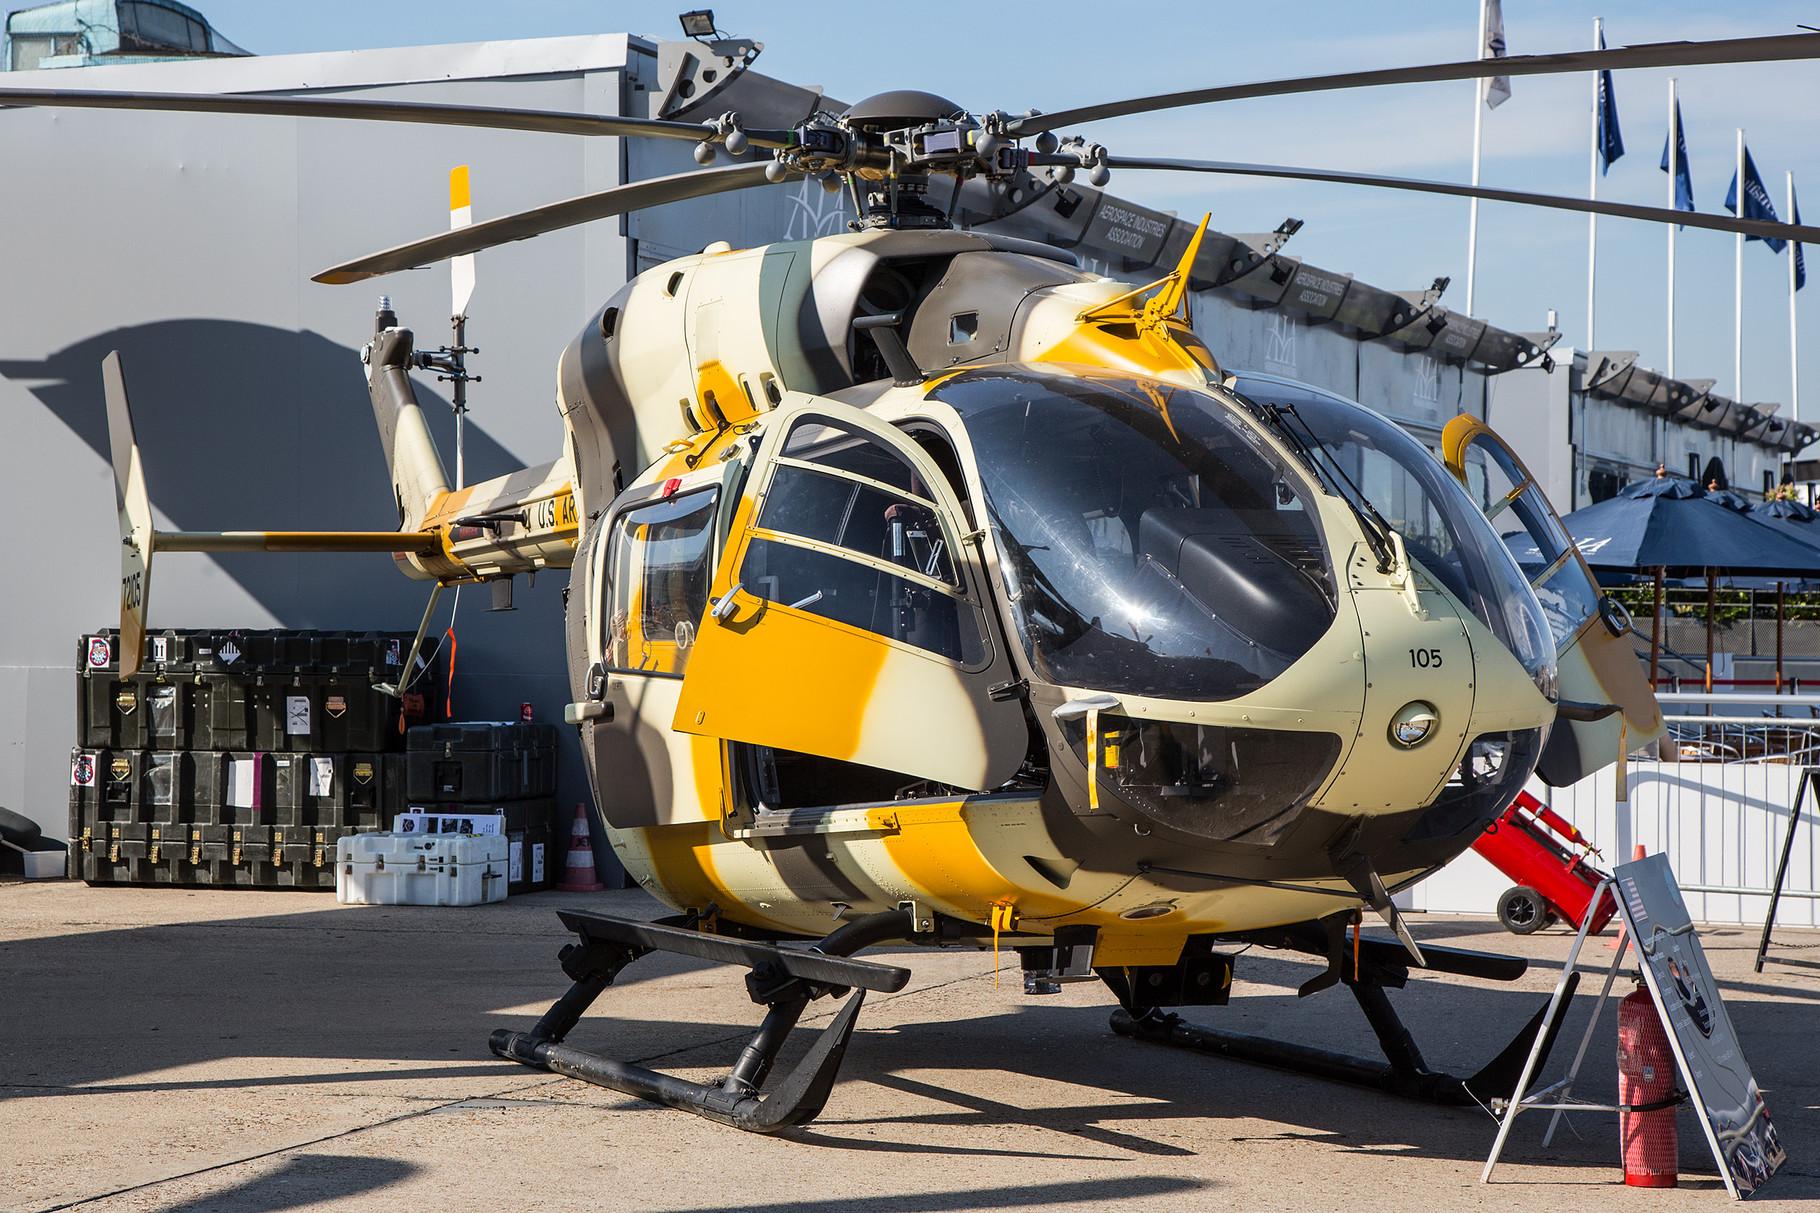 Die UH-72 Lakota ersetzt bei der US Army die UH-1. Die Produktion des auf der EC-145 basierenden Hubschraubers für die Amerikaner läuft auch in den USA.